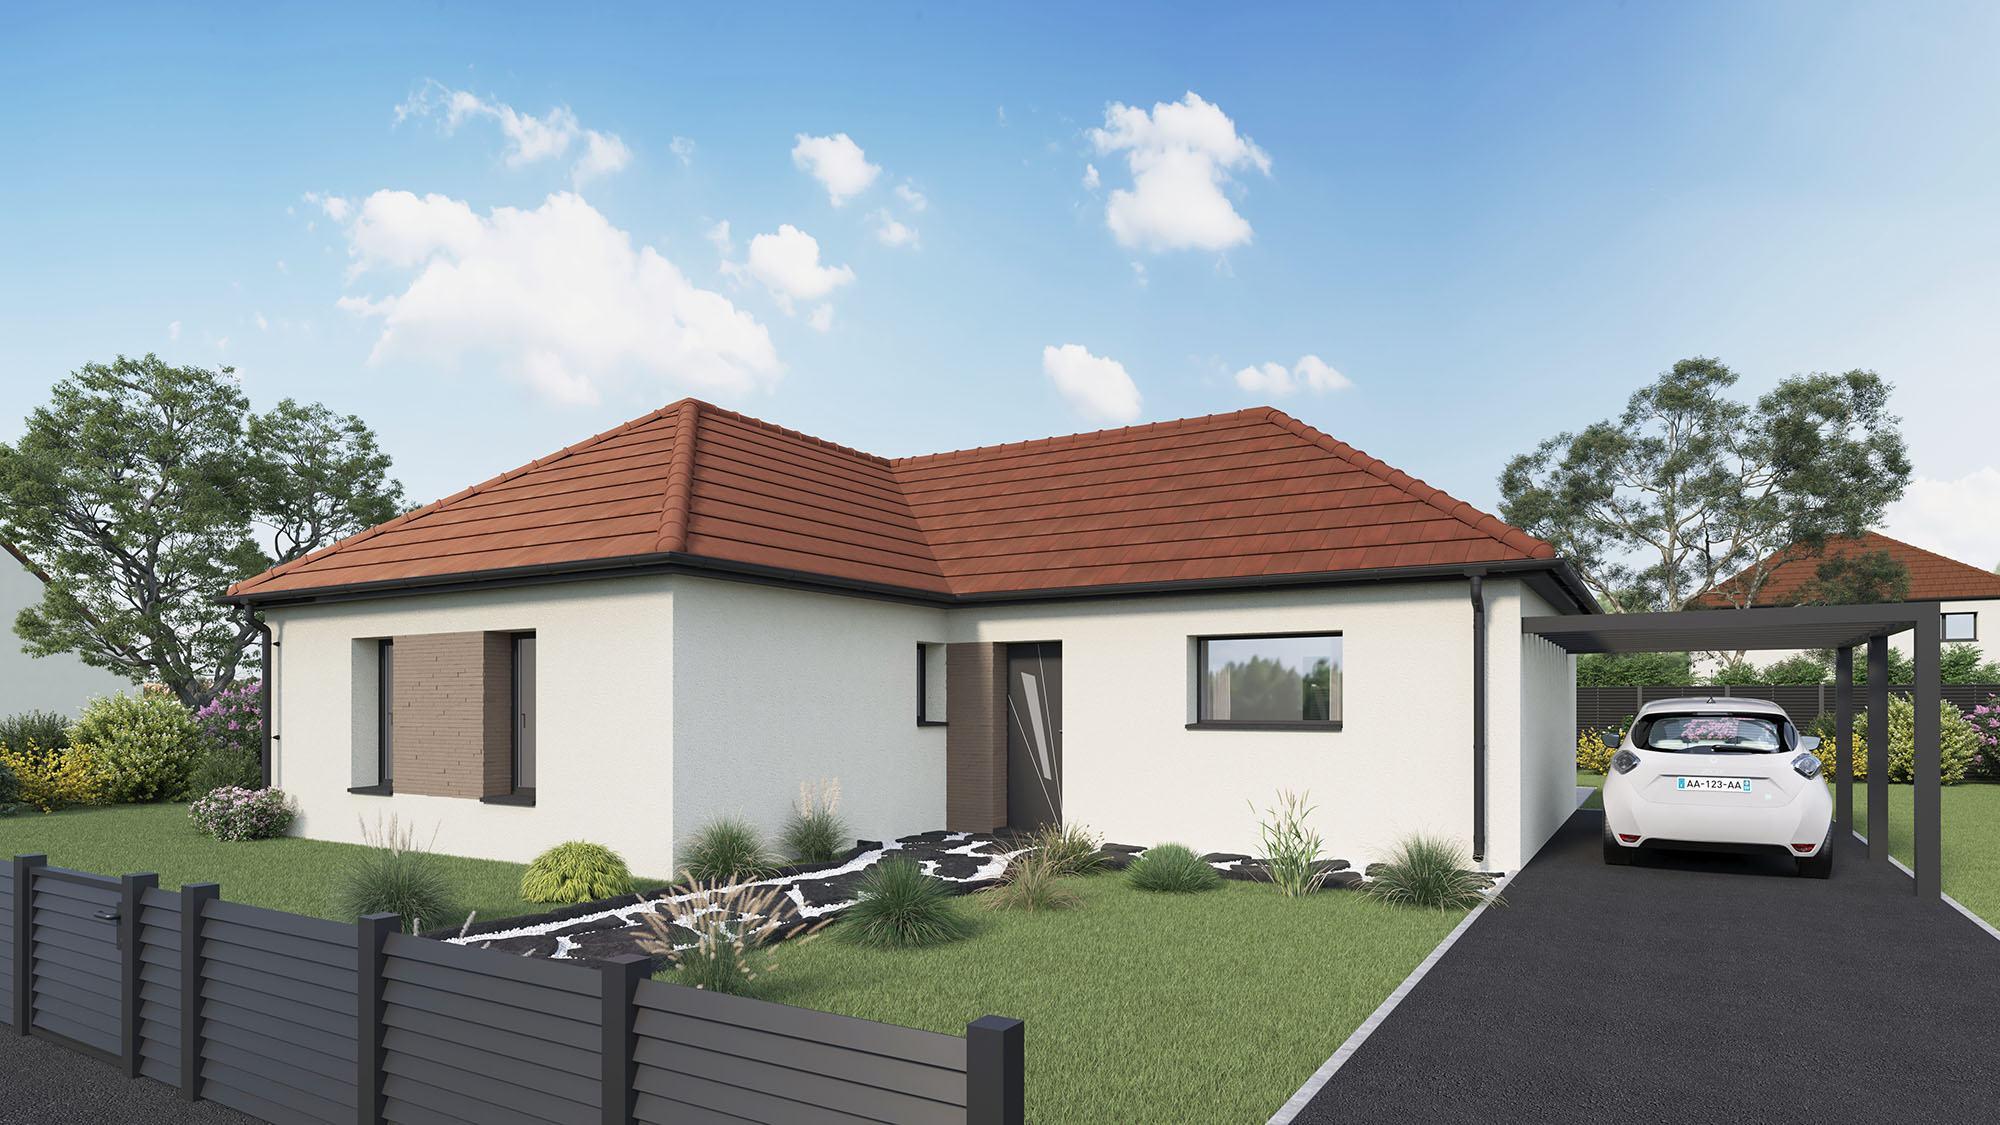 Votre maison + terrain à Mainneville  - 27150